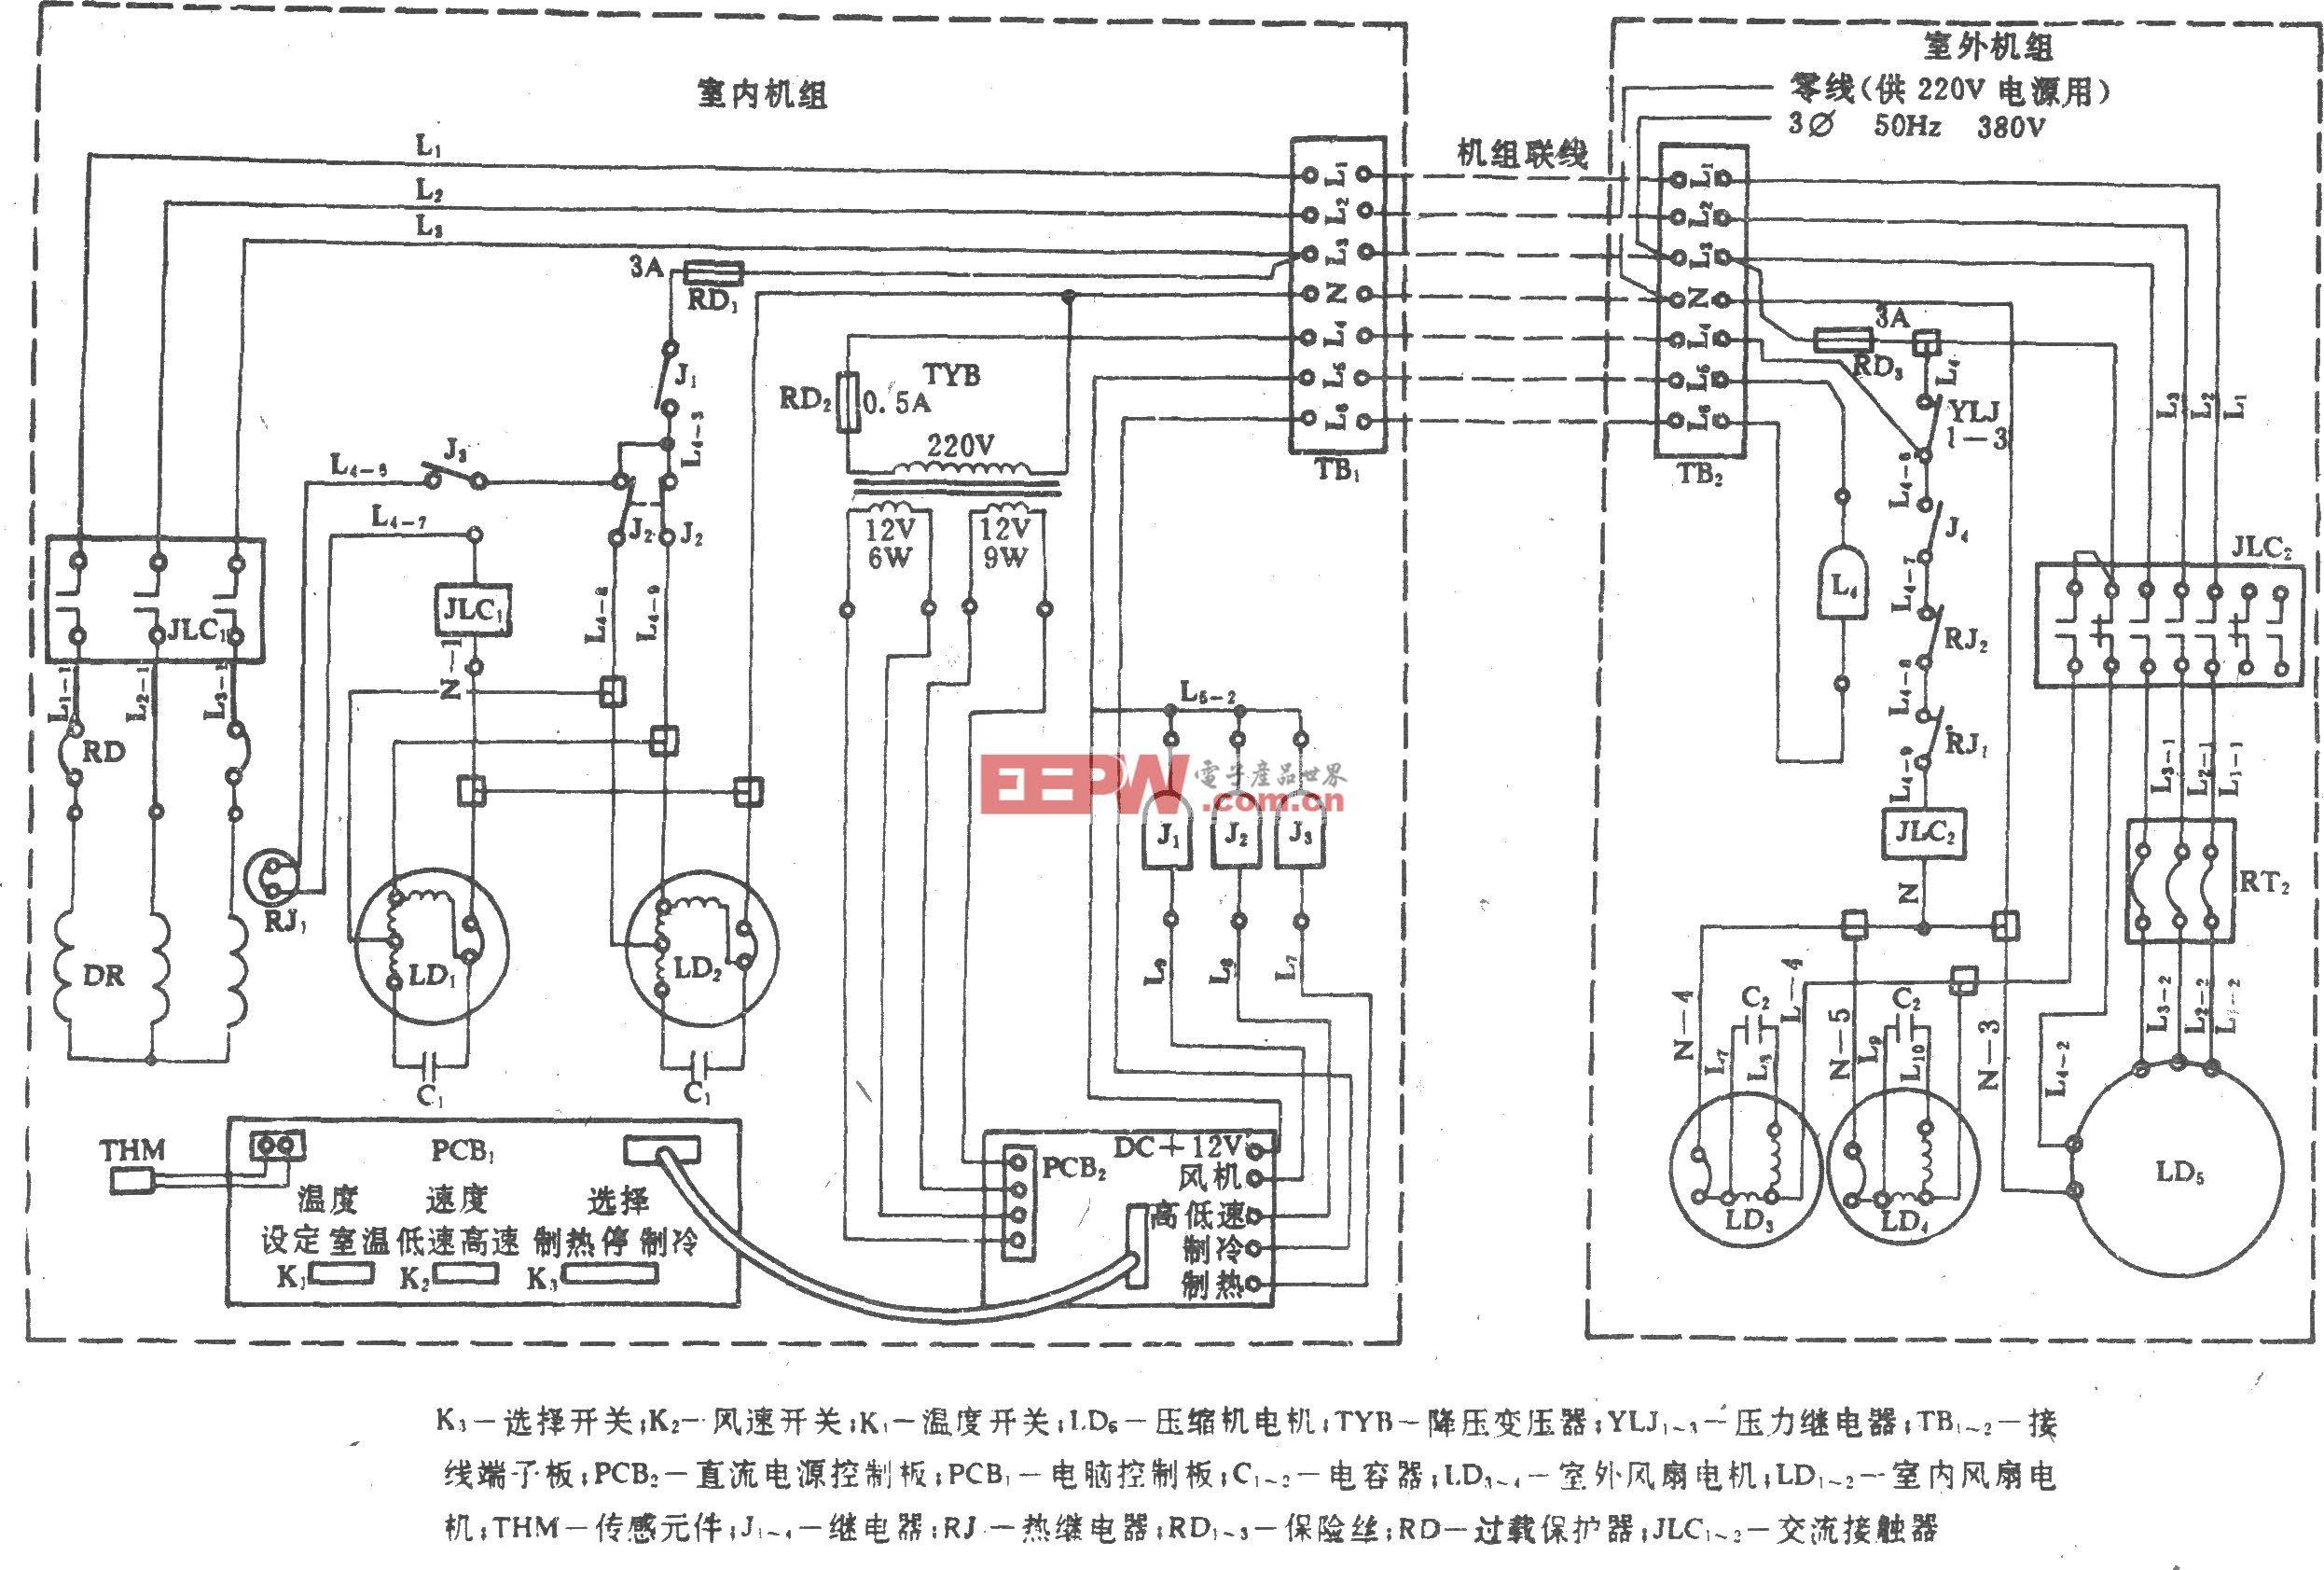 空调外机管路结构图解